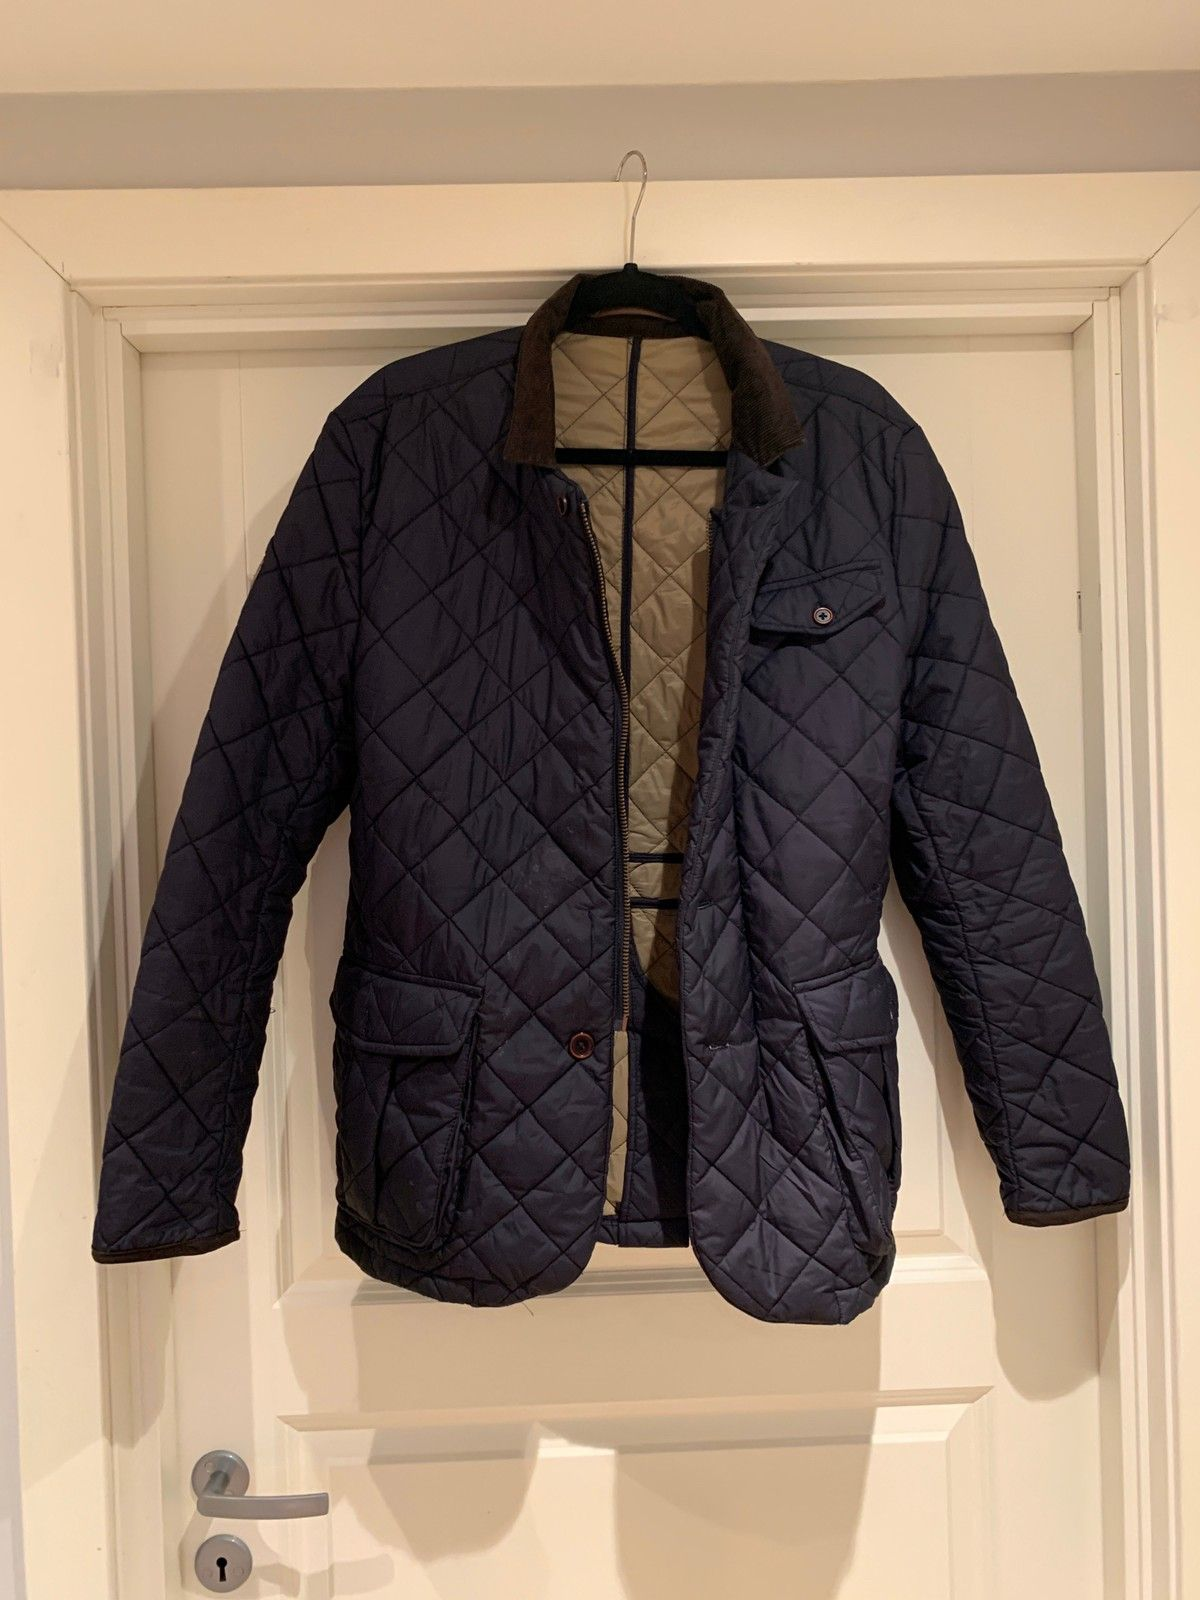 Nesten ubrukt l m c jakke selges Kjøpe, selge og utveksle